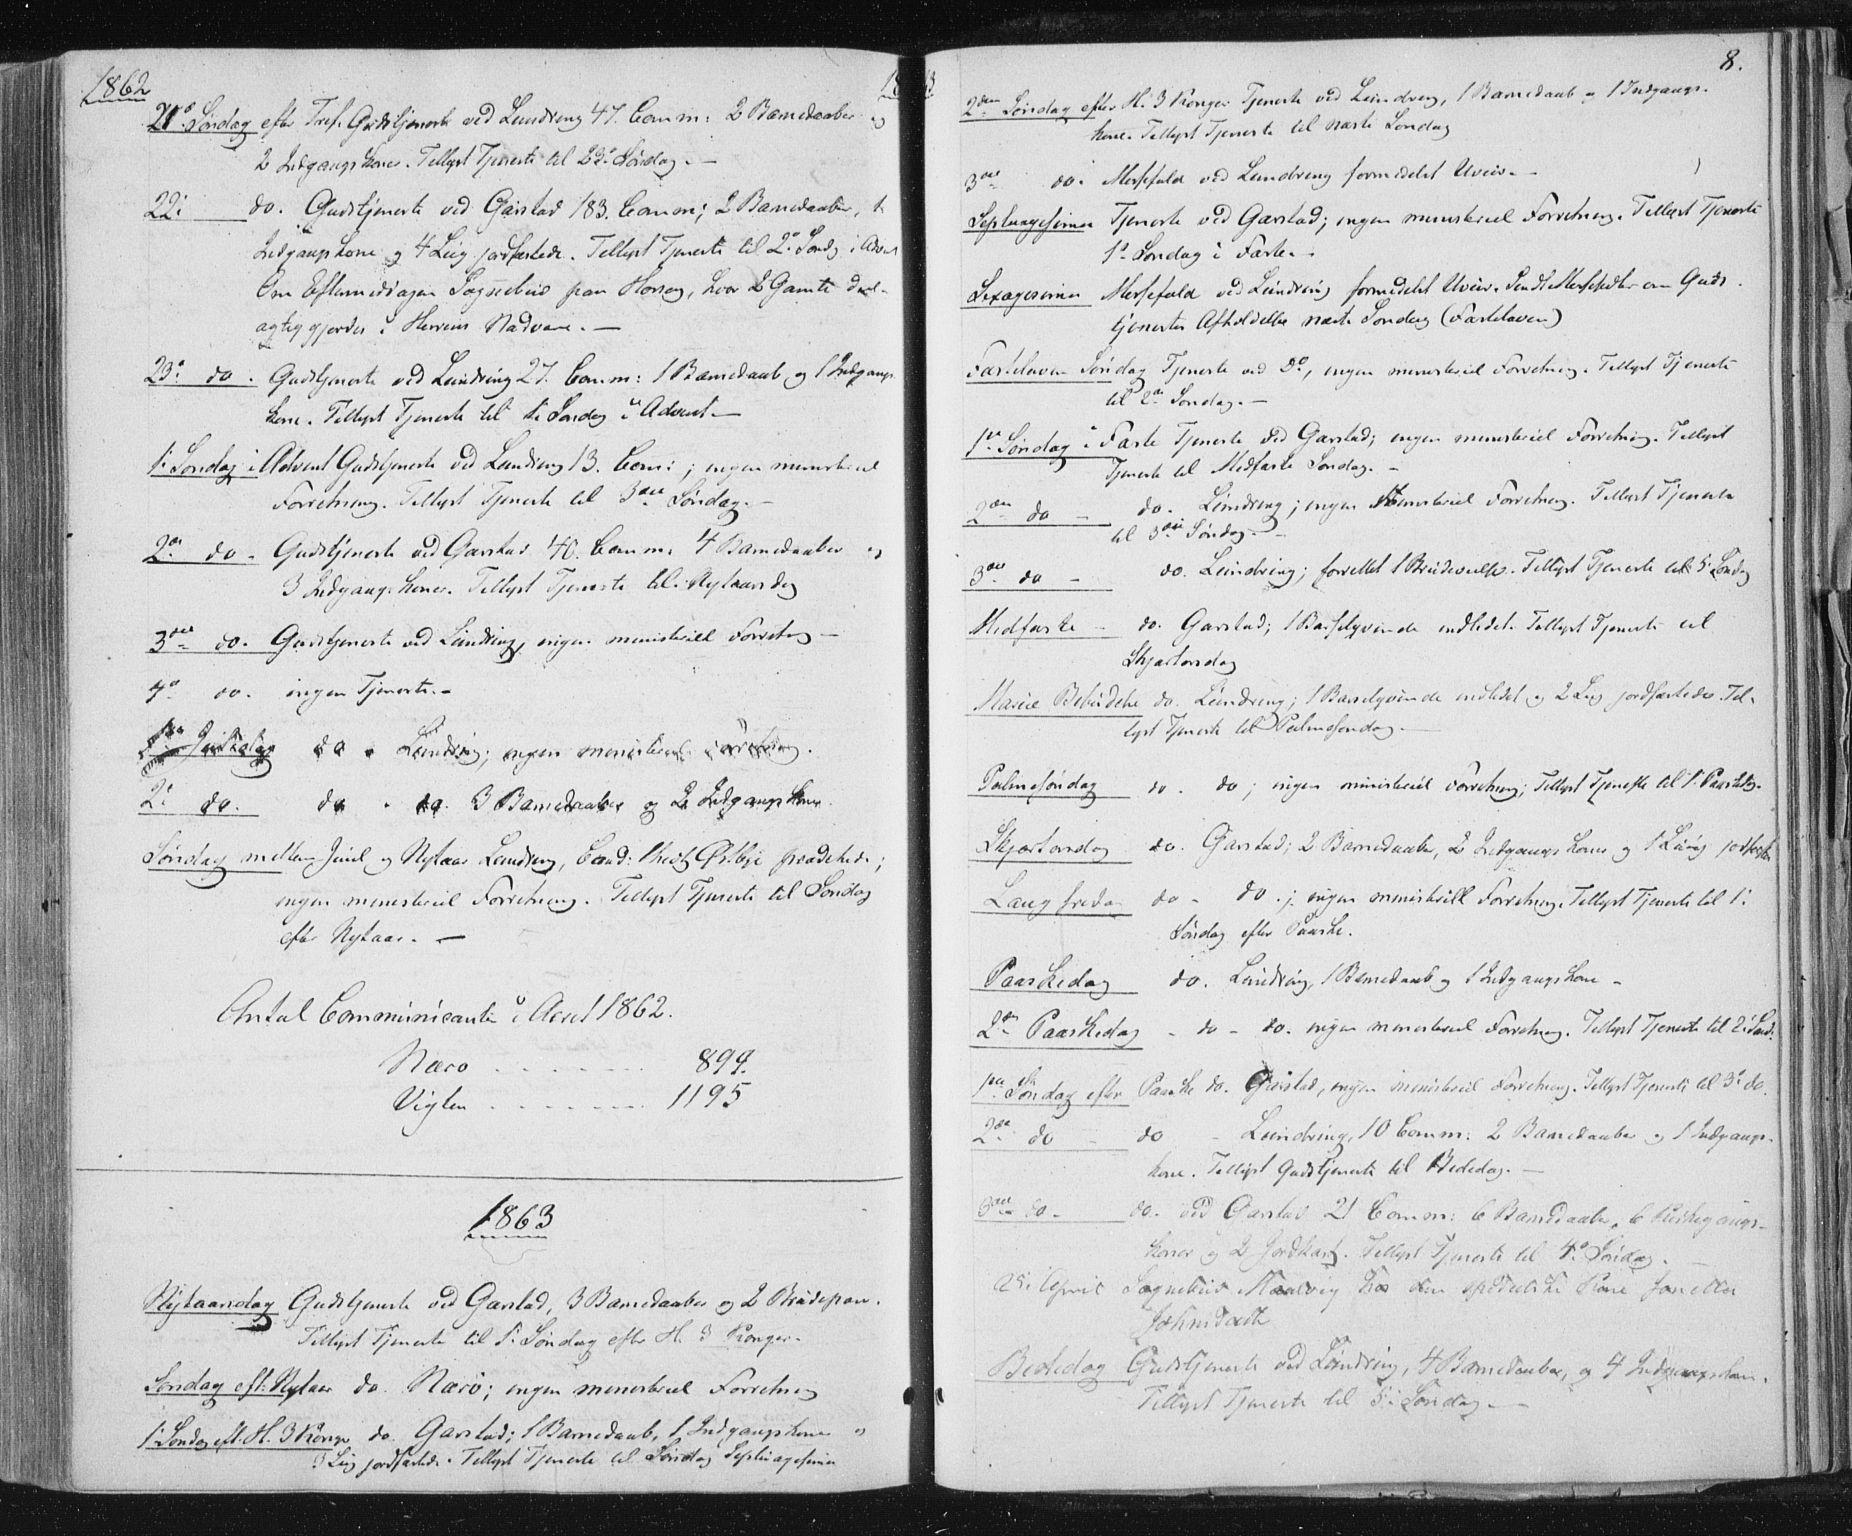 SAT, Ministerialprotokoller, klokkerbøker og fødselsregistre - Nord-Trøndelag, 784/L0670: Ministerialbok nr. 784A05, 1860-1876, s. 8